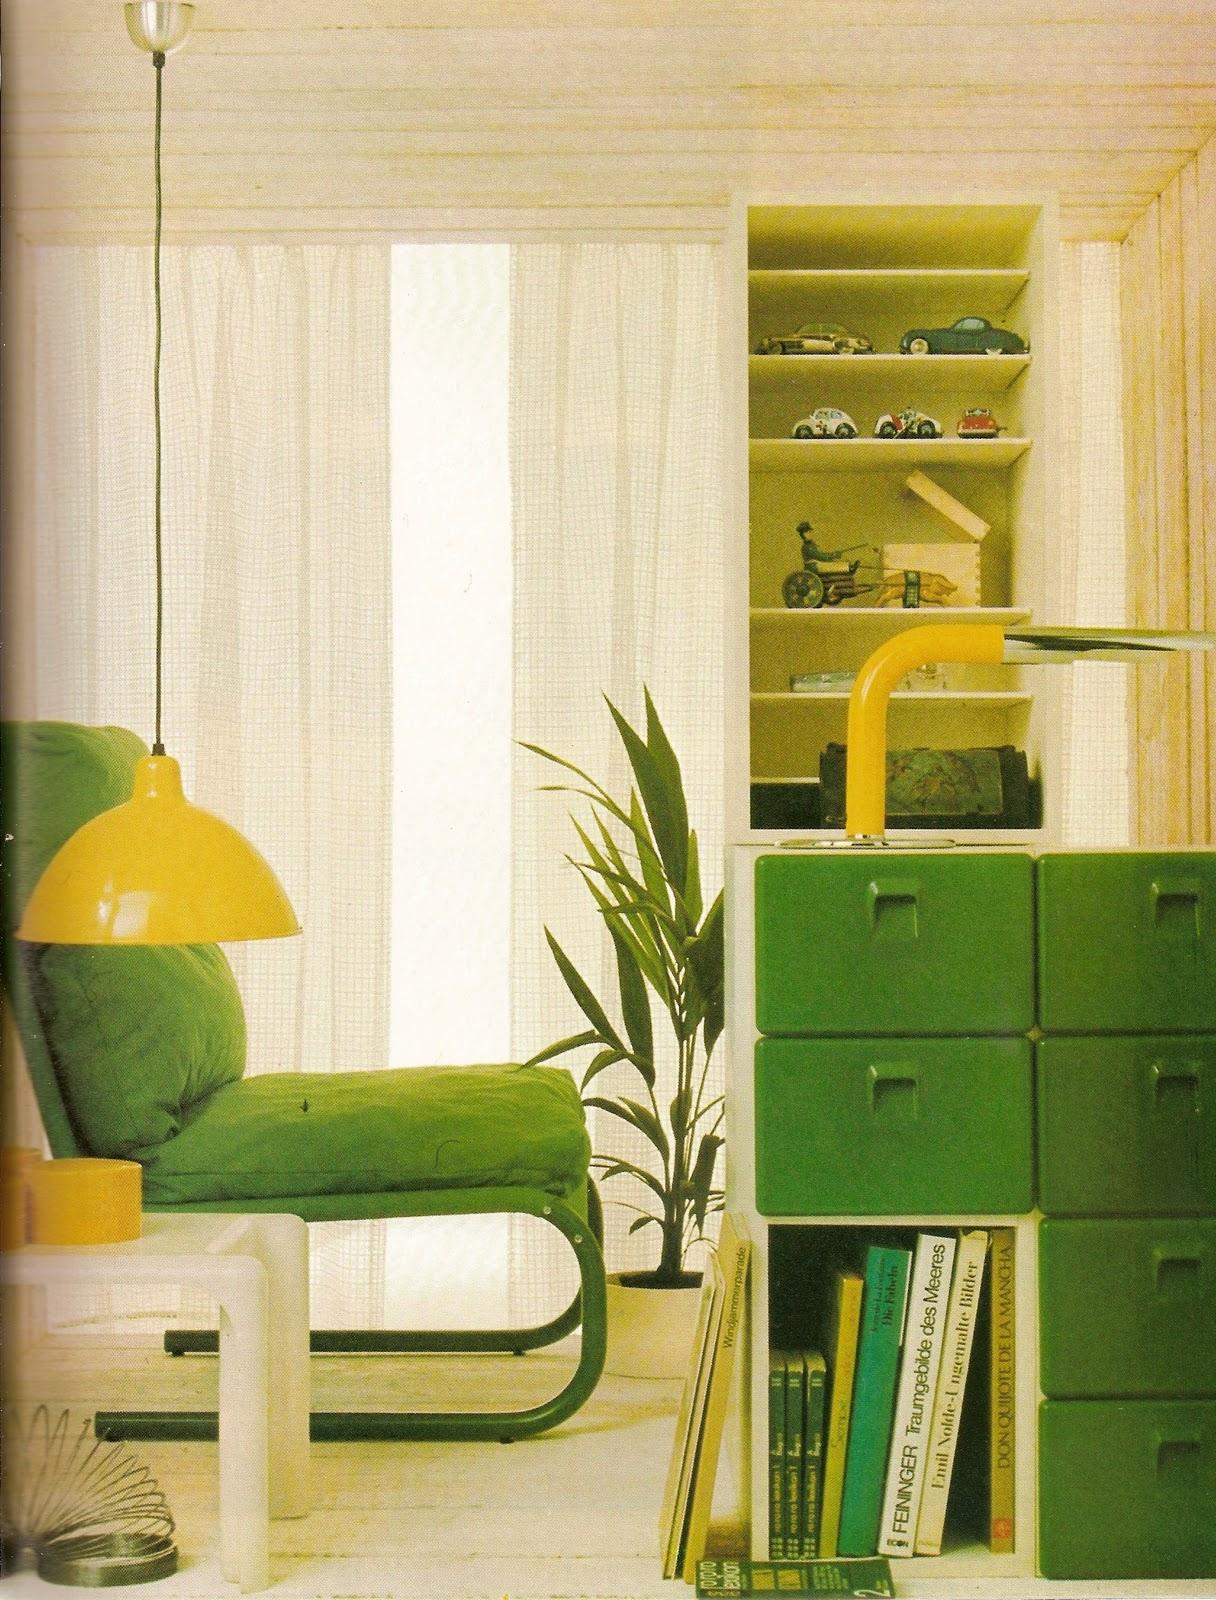 wandgestaltung wohnzimmer wohnzimmerschrank gr n 70s green 70er gr n 70s green 70er gr n 70s green. Black Bedroom Furniture Sets. Home Design Ideas